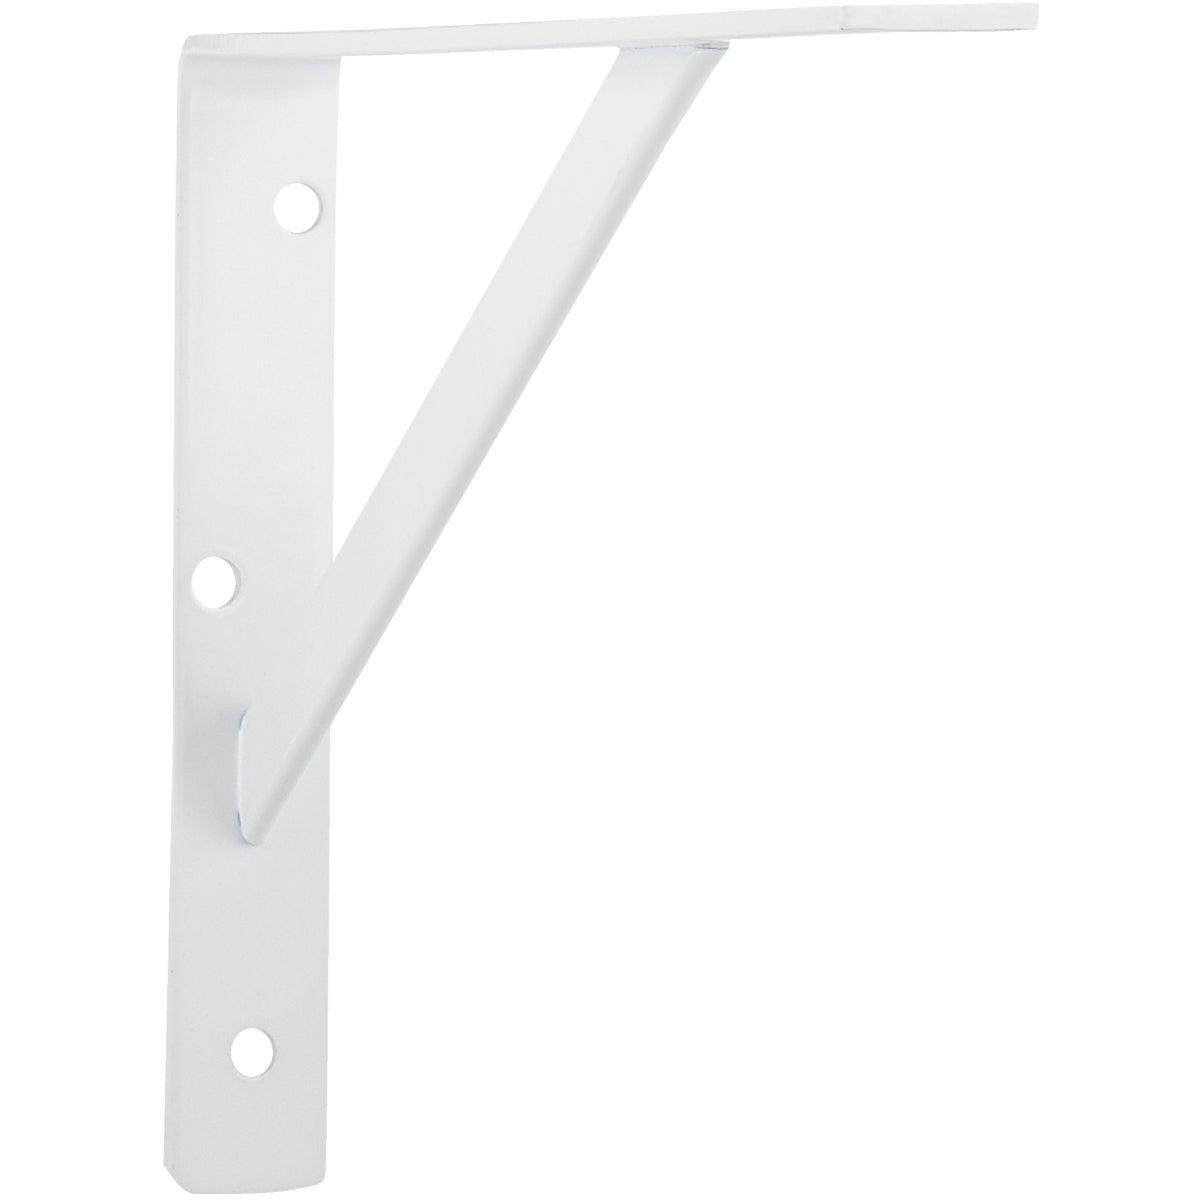 """12"""" WHITE BRACKET - 208WH300 by Knape & Vogt Mfg Co"""